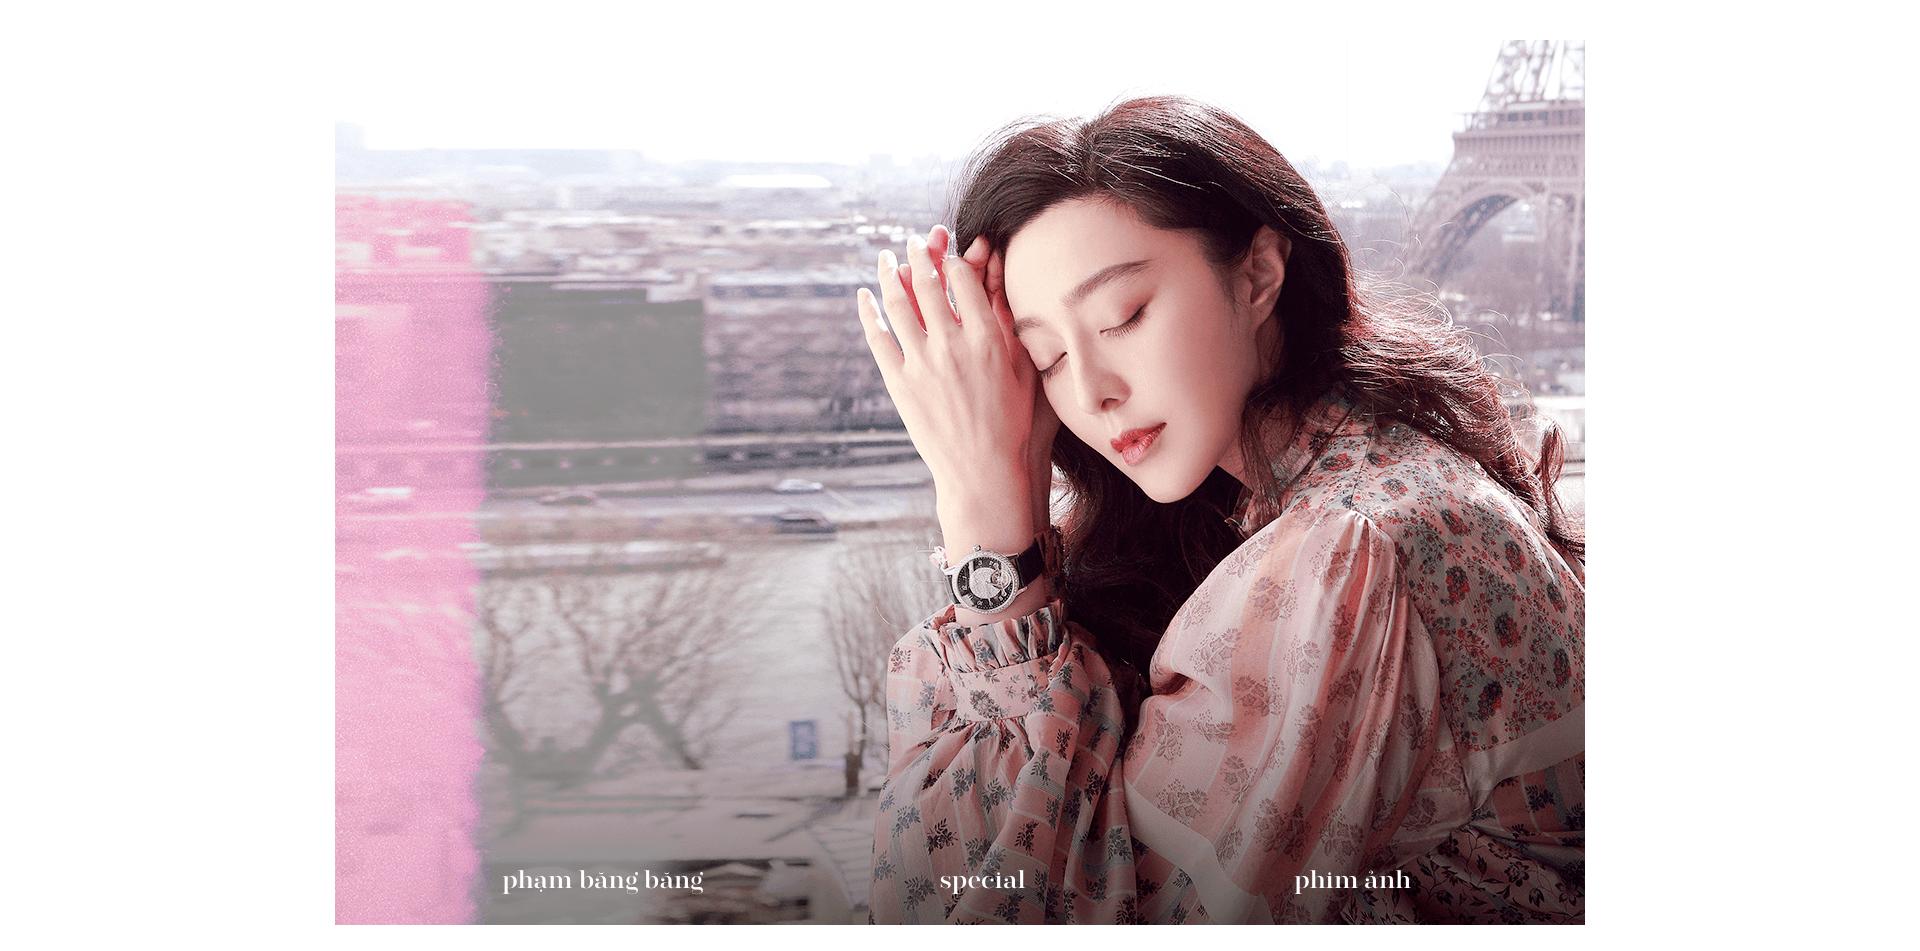 Phạm Băng Băng - Phía sau ánh hào quang của nữ hoàng giải trí Trung Quốc